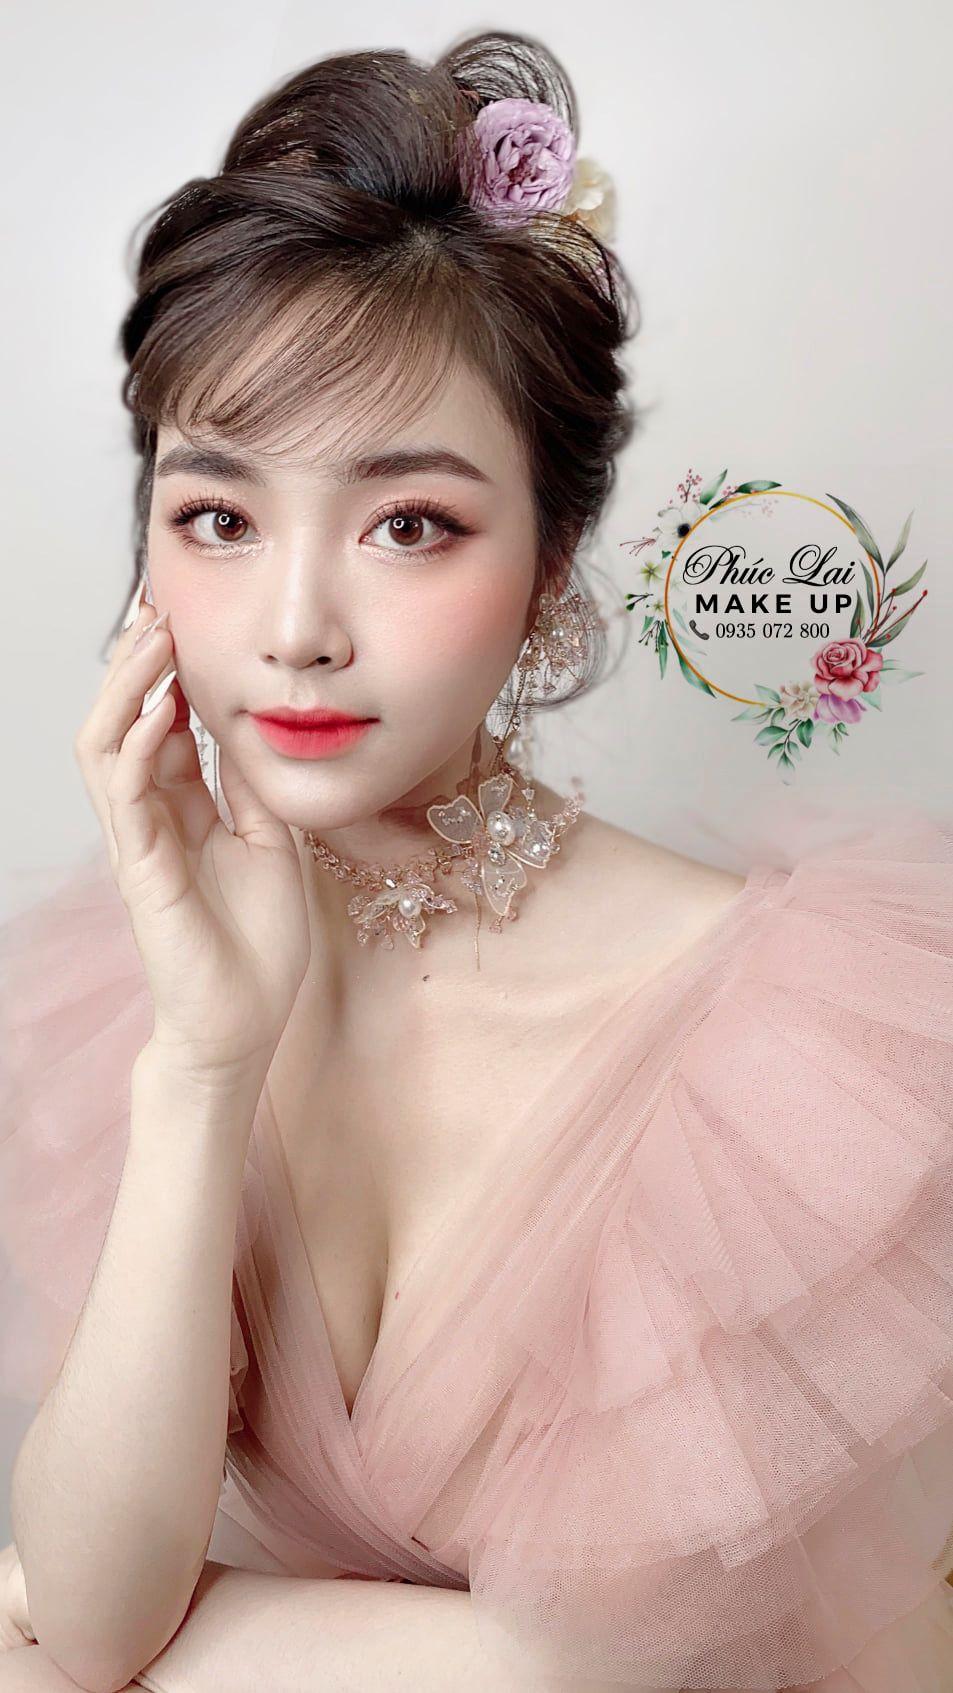 Top 5 tiệm trang điểm cô dâu đẹp nhất tại Hội An -  Phúc Lai Make Up (Nin Nguyễn Studio Wedding)